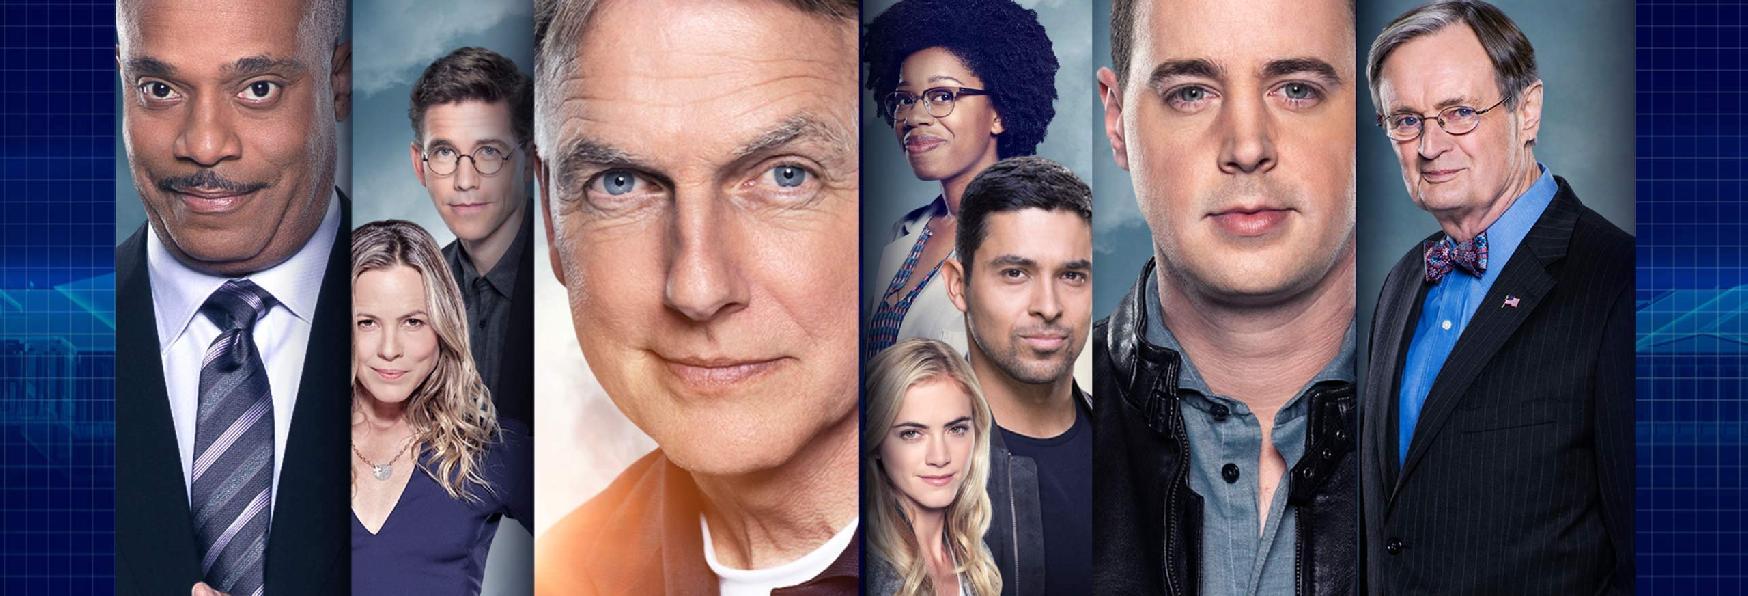 NCIS: un Ritorno Inaspettato nella 17° Stagione della Serie TV di CBS